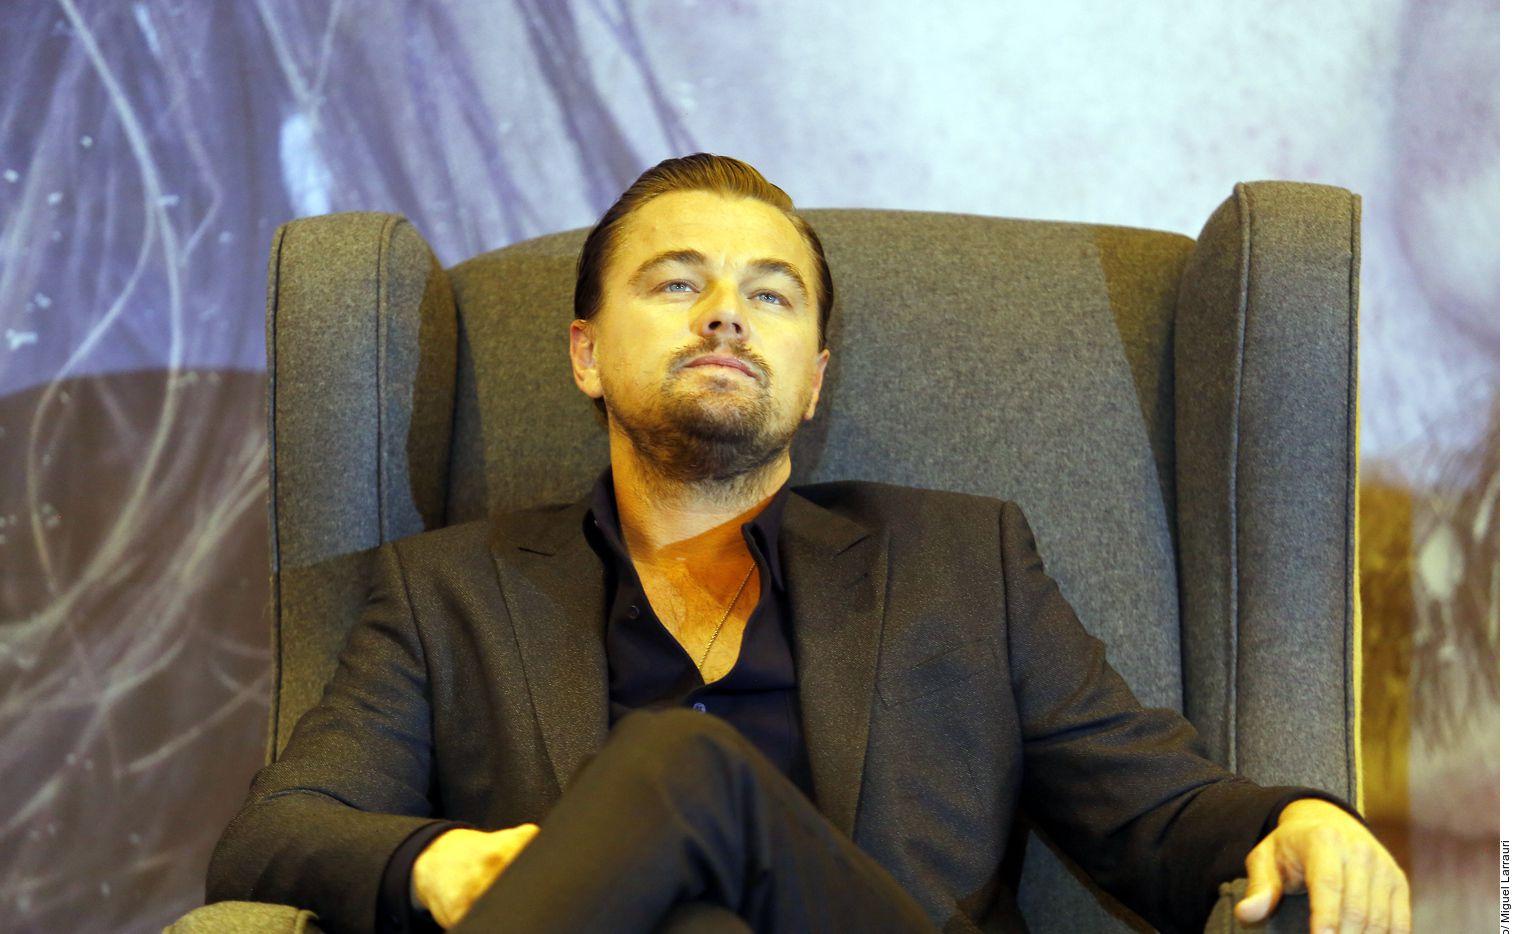 Al actor Leonardo DiCaprio, de 44 años, le encanta emprender proyectos como productor, sean de ficción o documentales.